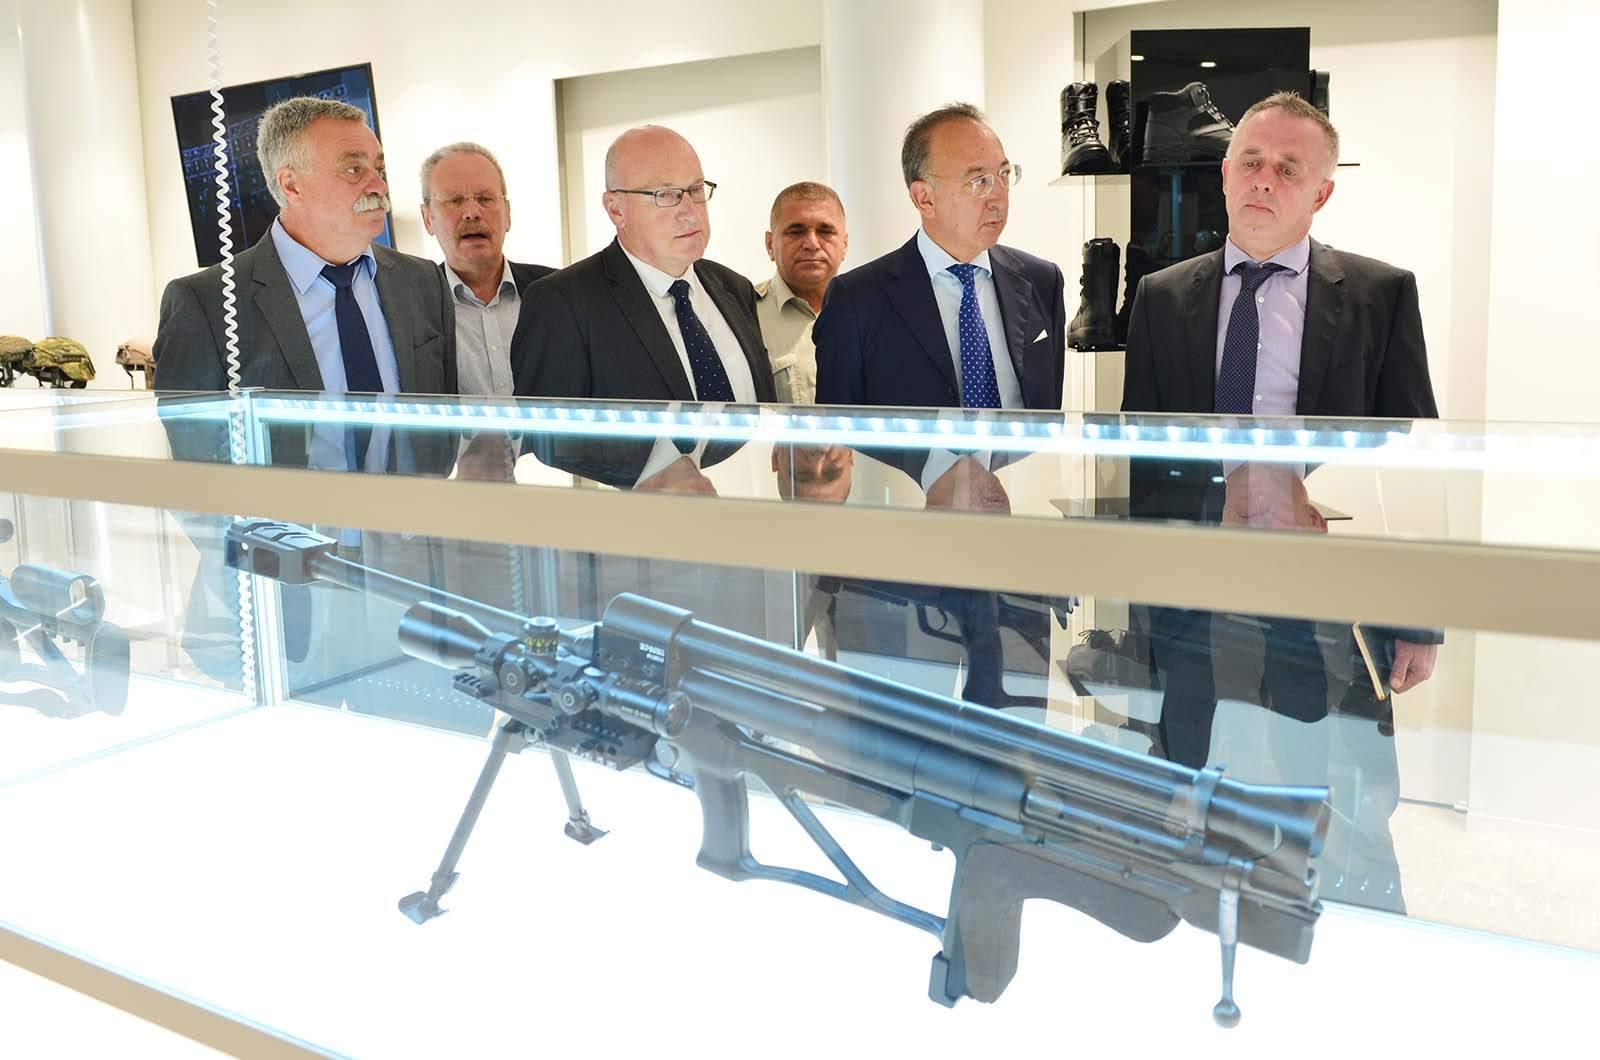 Izvršni direktor Europske obrambene agencije u posjetu MORH-u